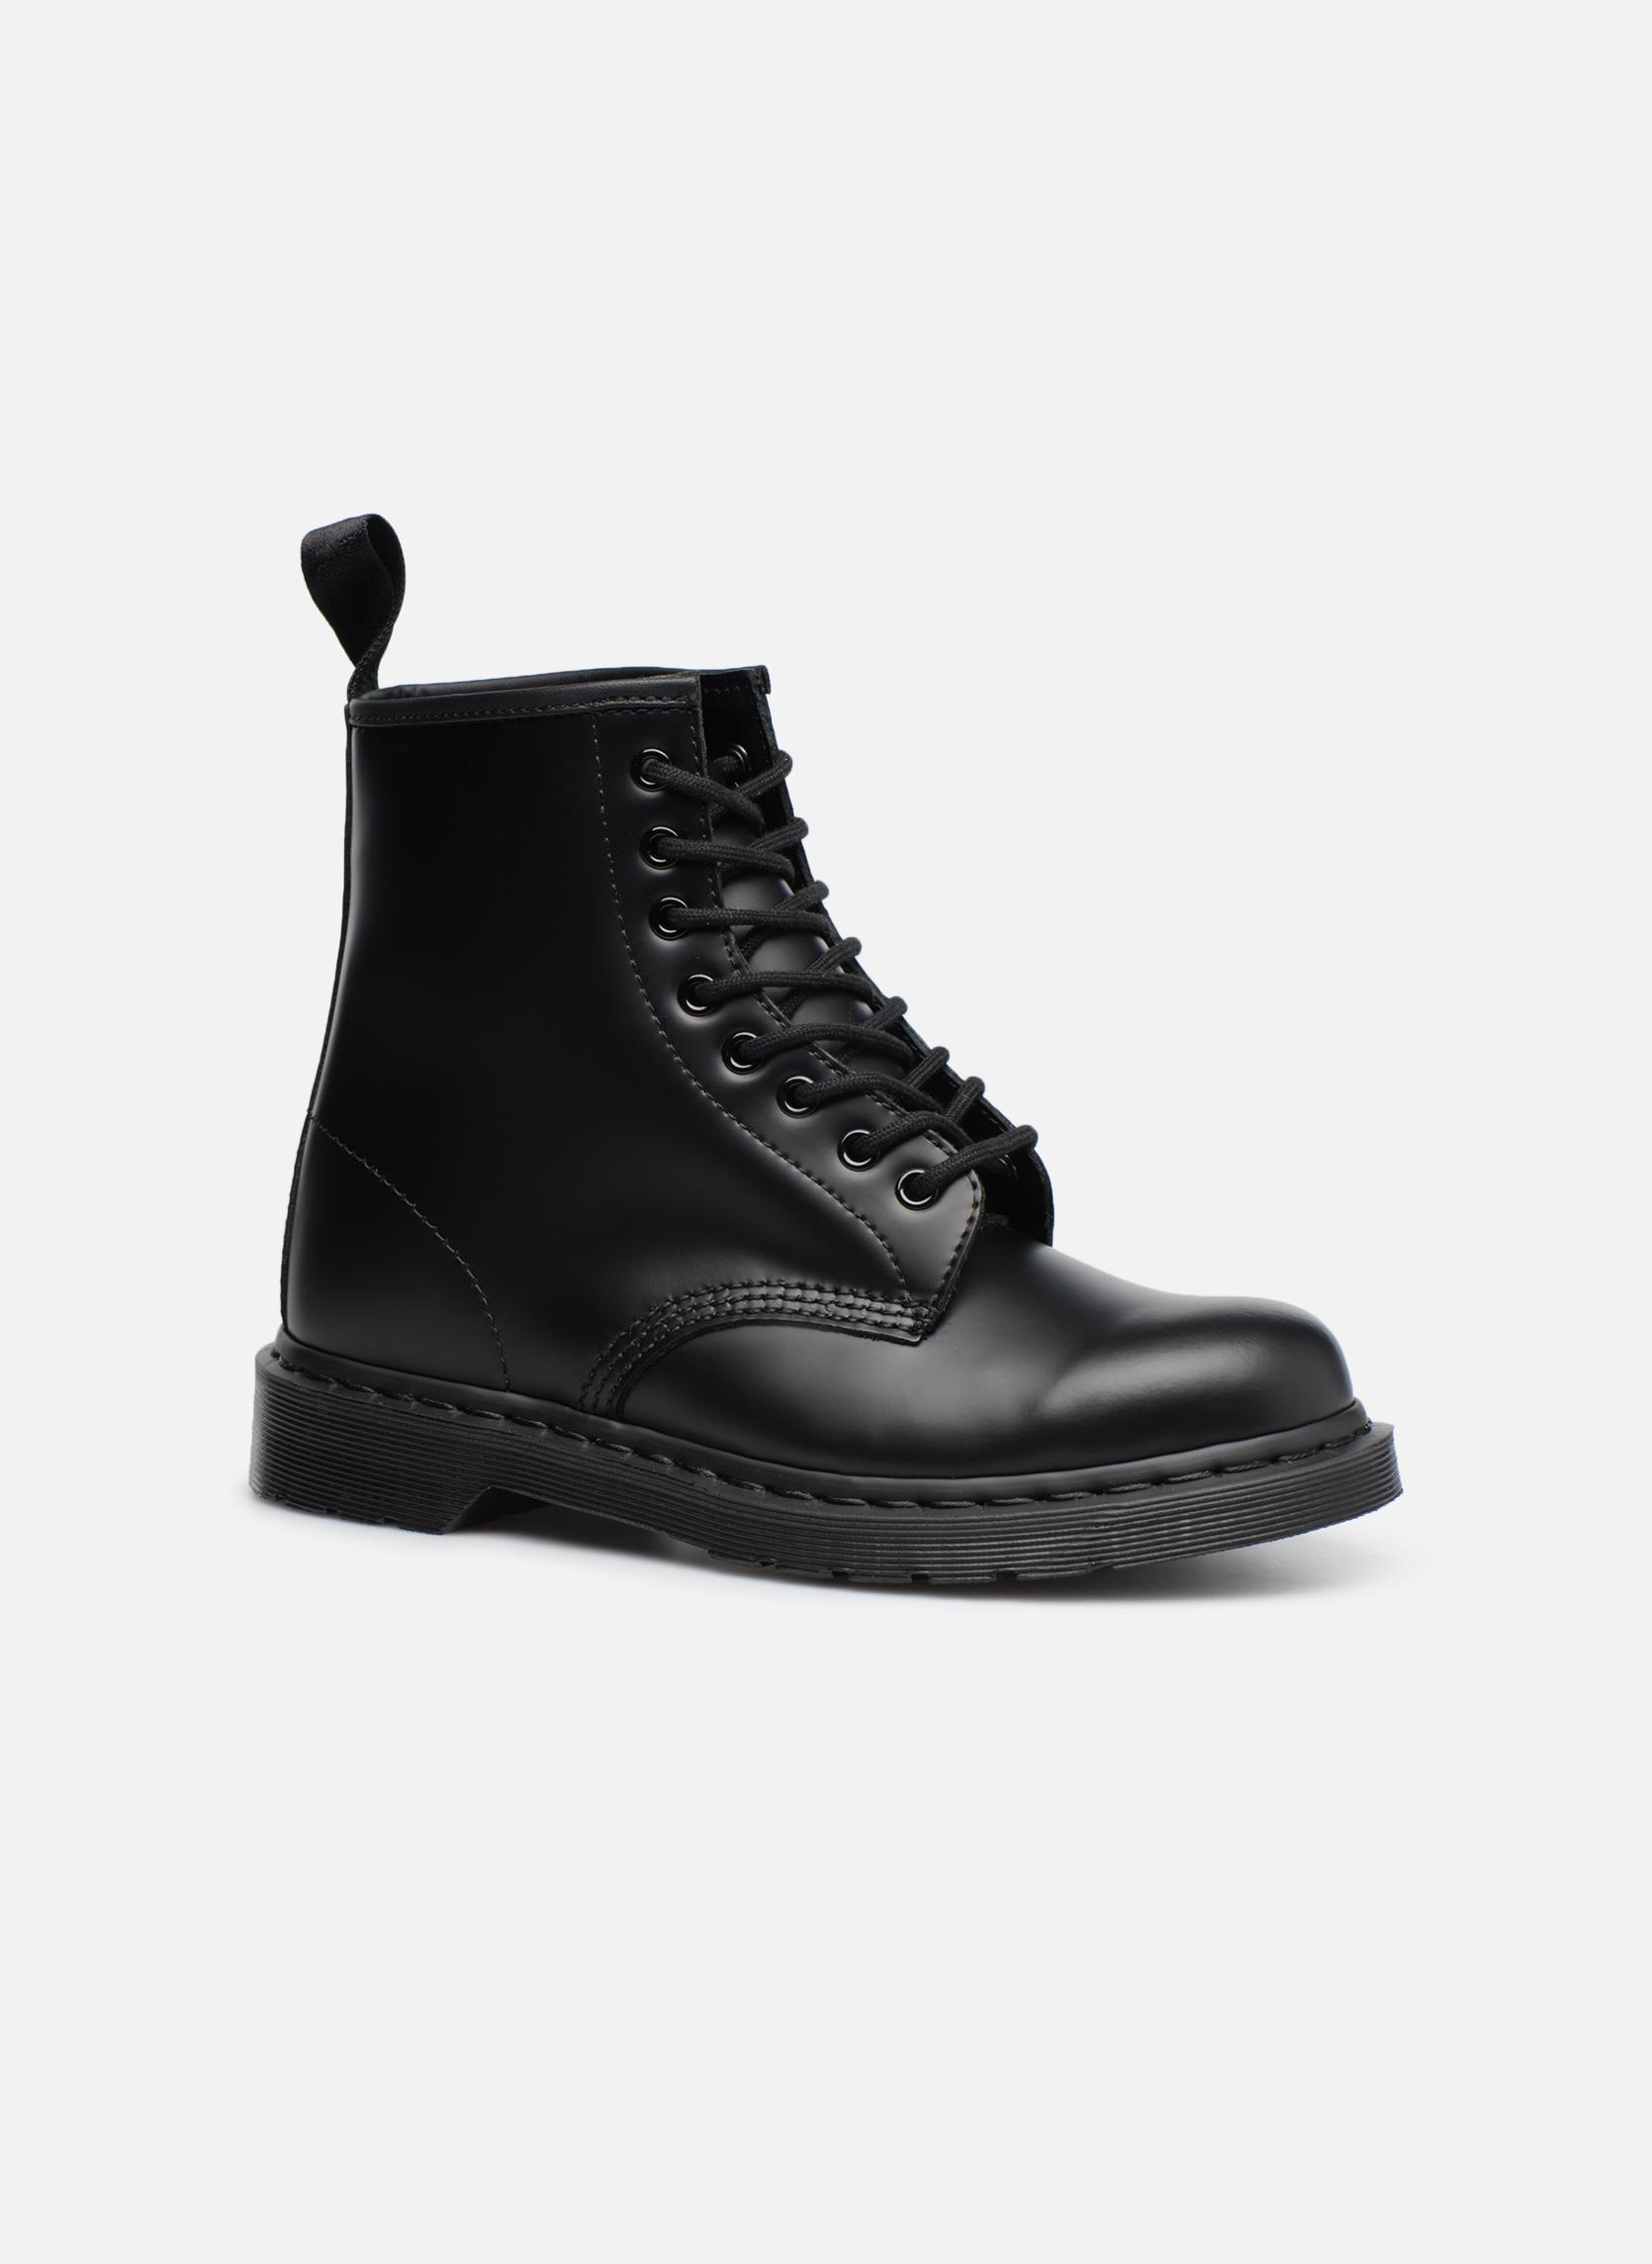 Grandes descuentos 1460 últimos zapatos DR. Martens 1460 descuentos MONO (Negro) - Botines  Descuento 63f340